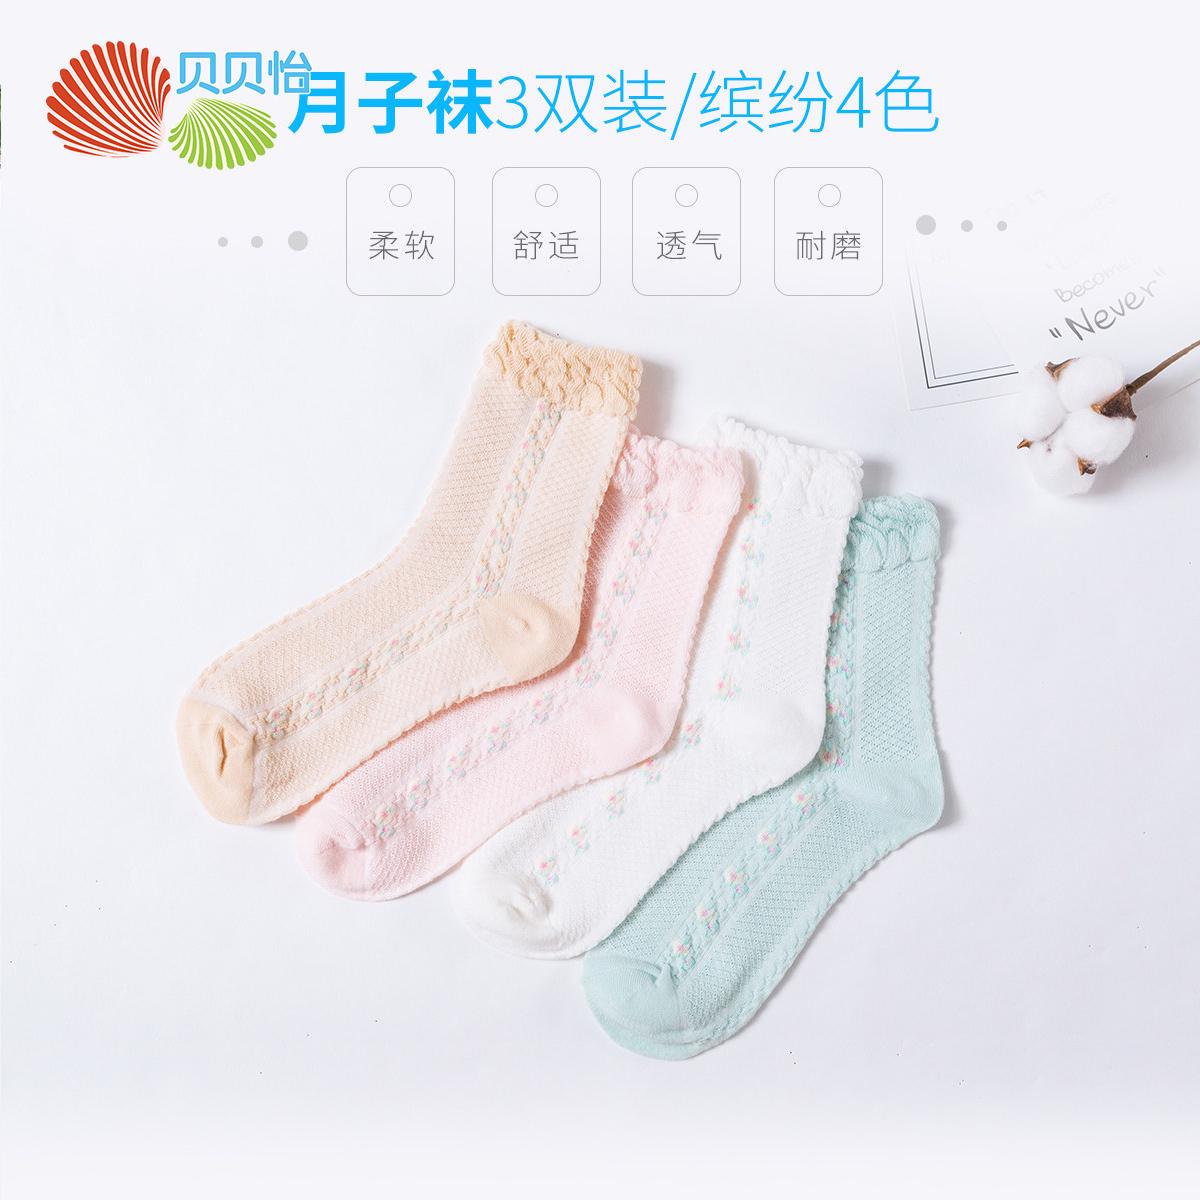 贝贝怡产后透气月子袜春秋季产妇薄款网状提花袜子三双装181Y297